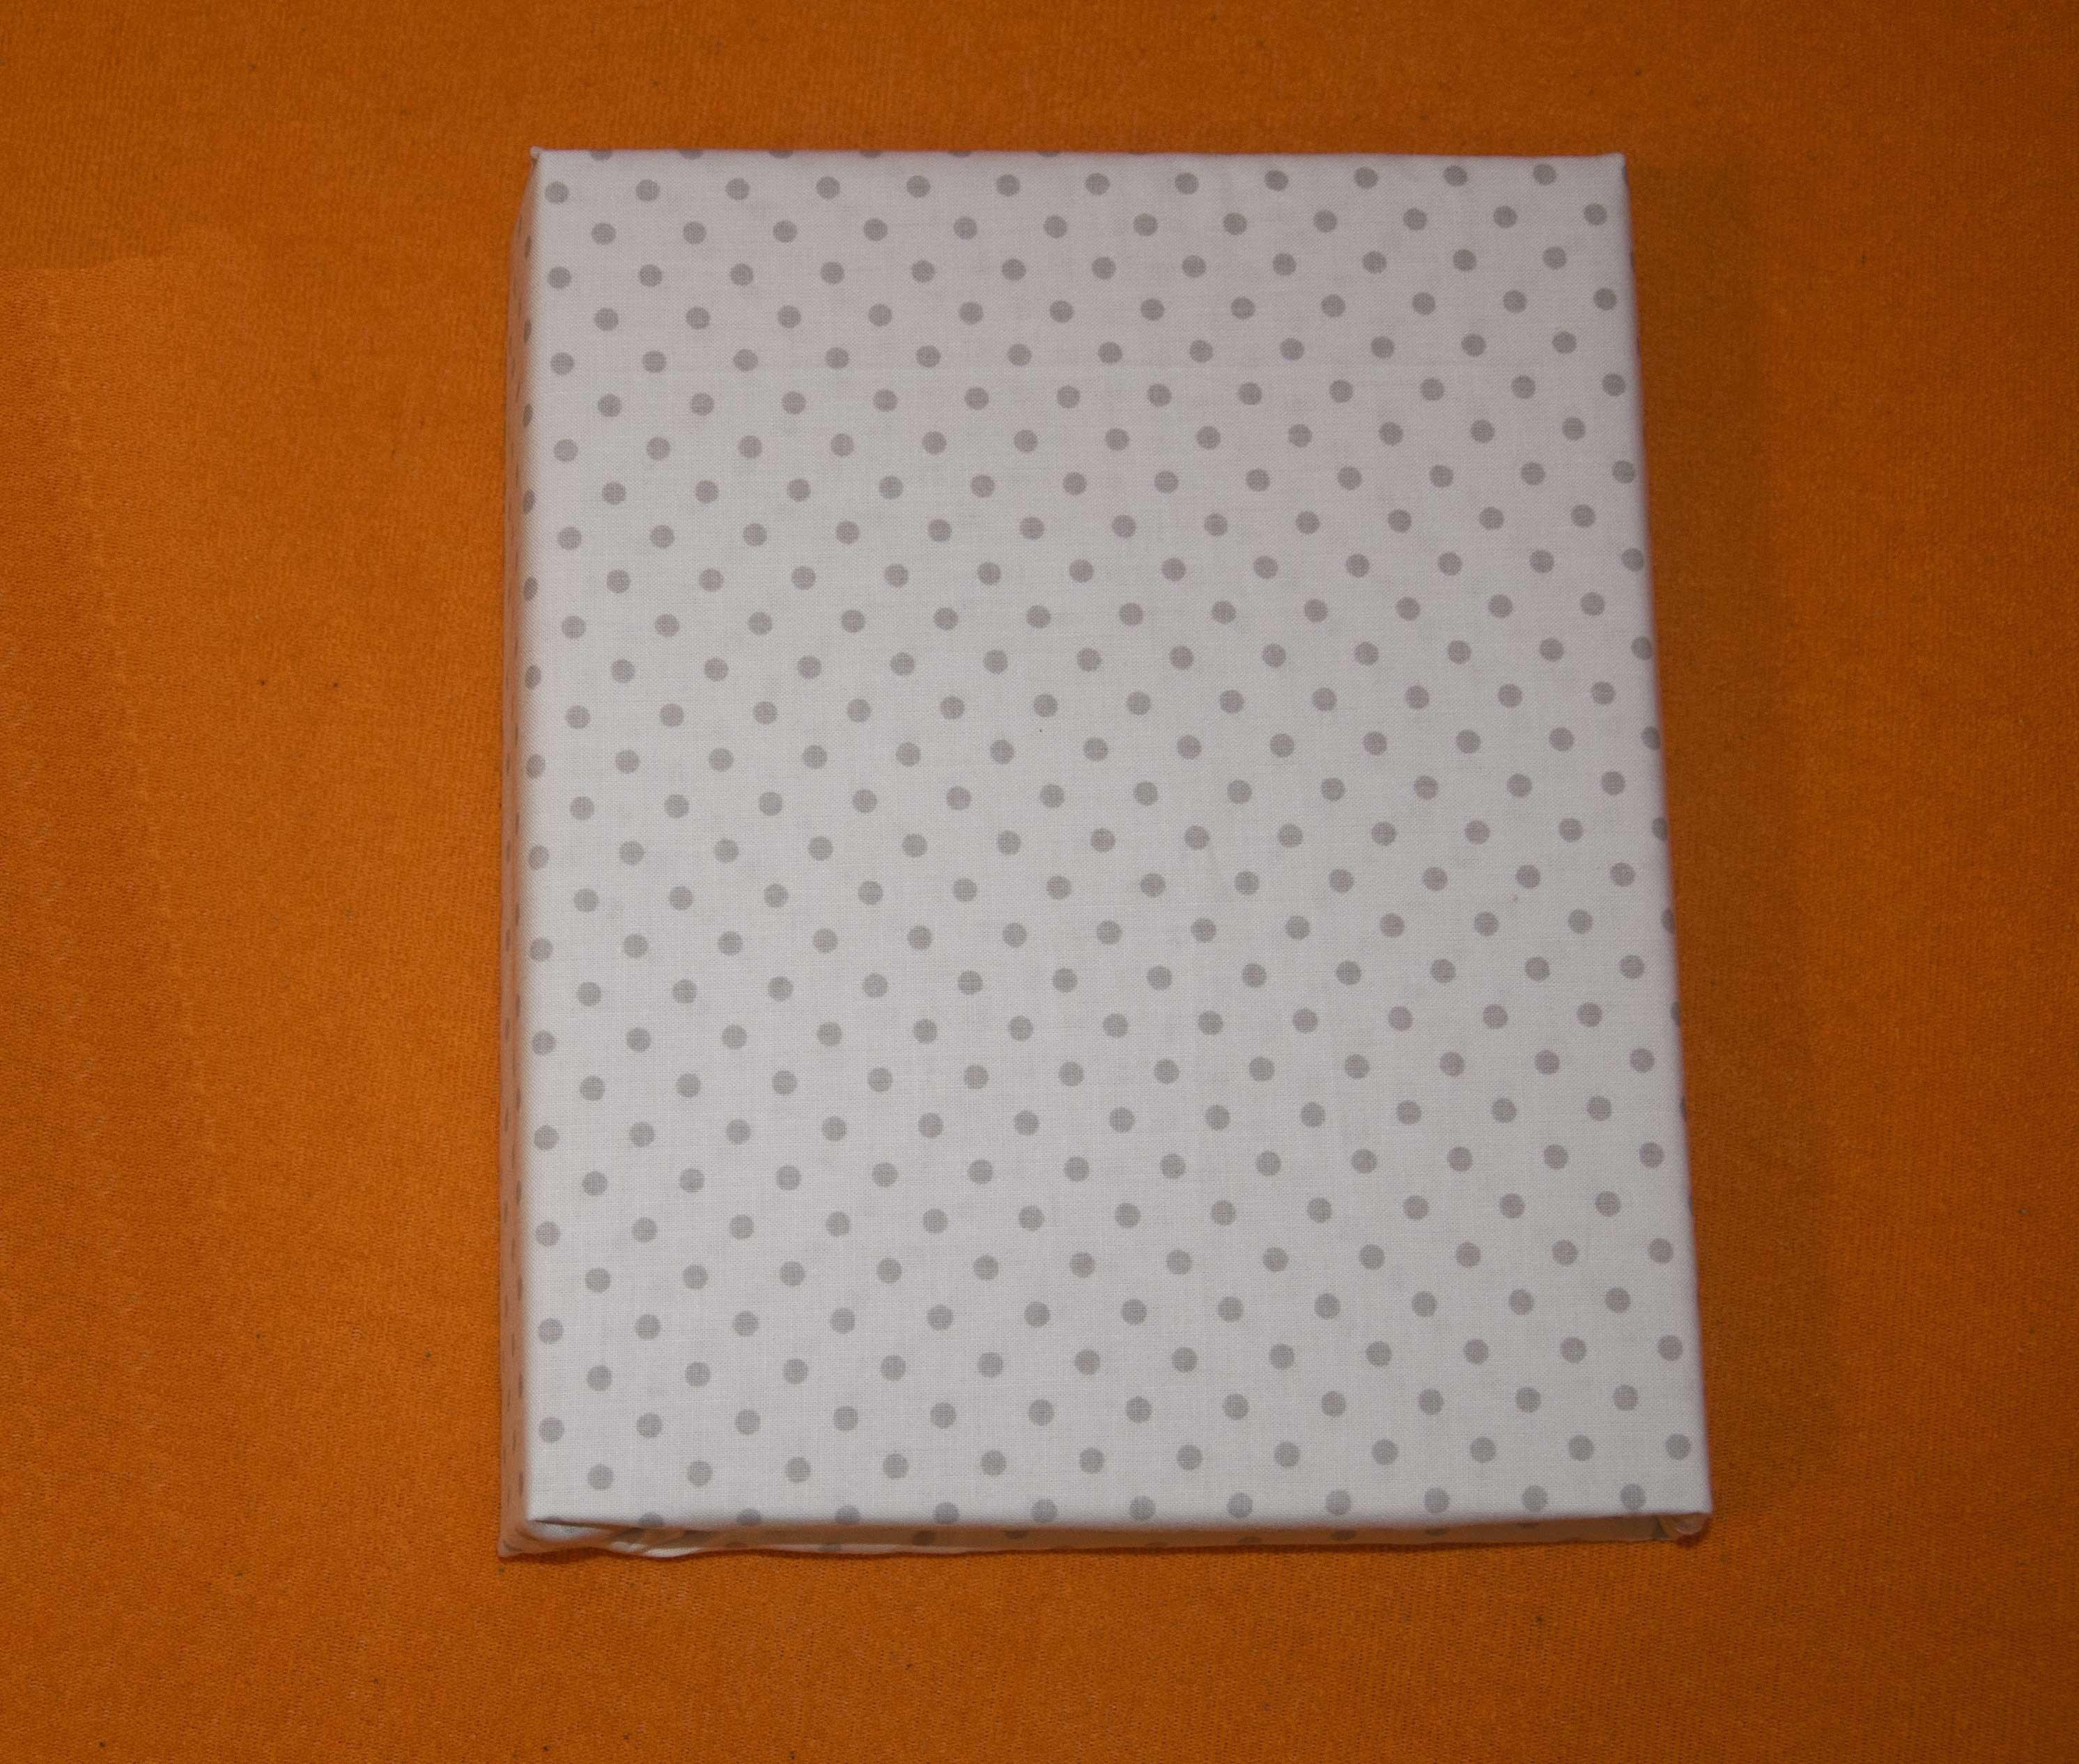 Bavln�n� prost�radlo 120x60 cm b�l� s �ed�mi v�t��mi punt�ky - zv��i� obr�zok